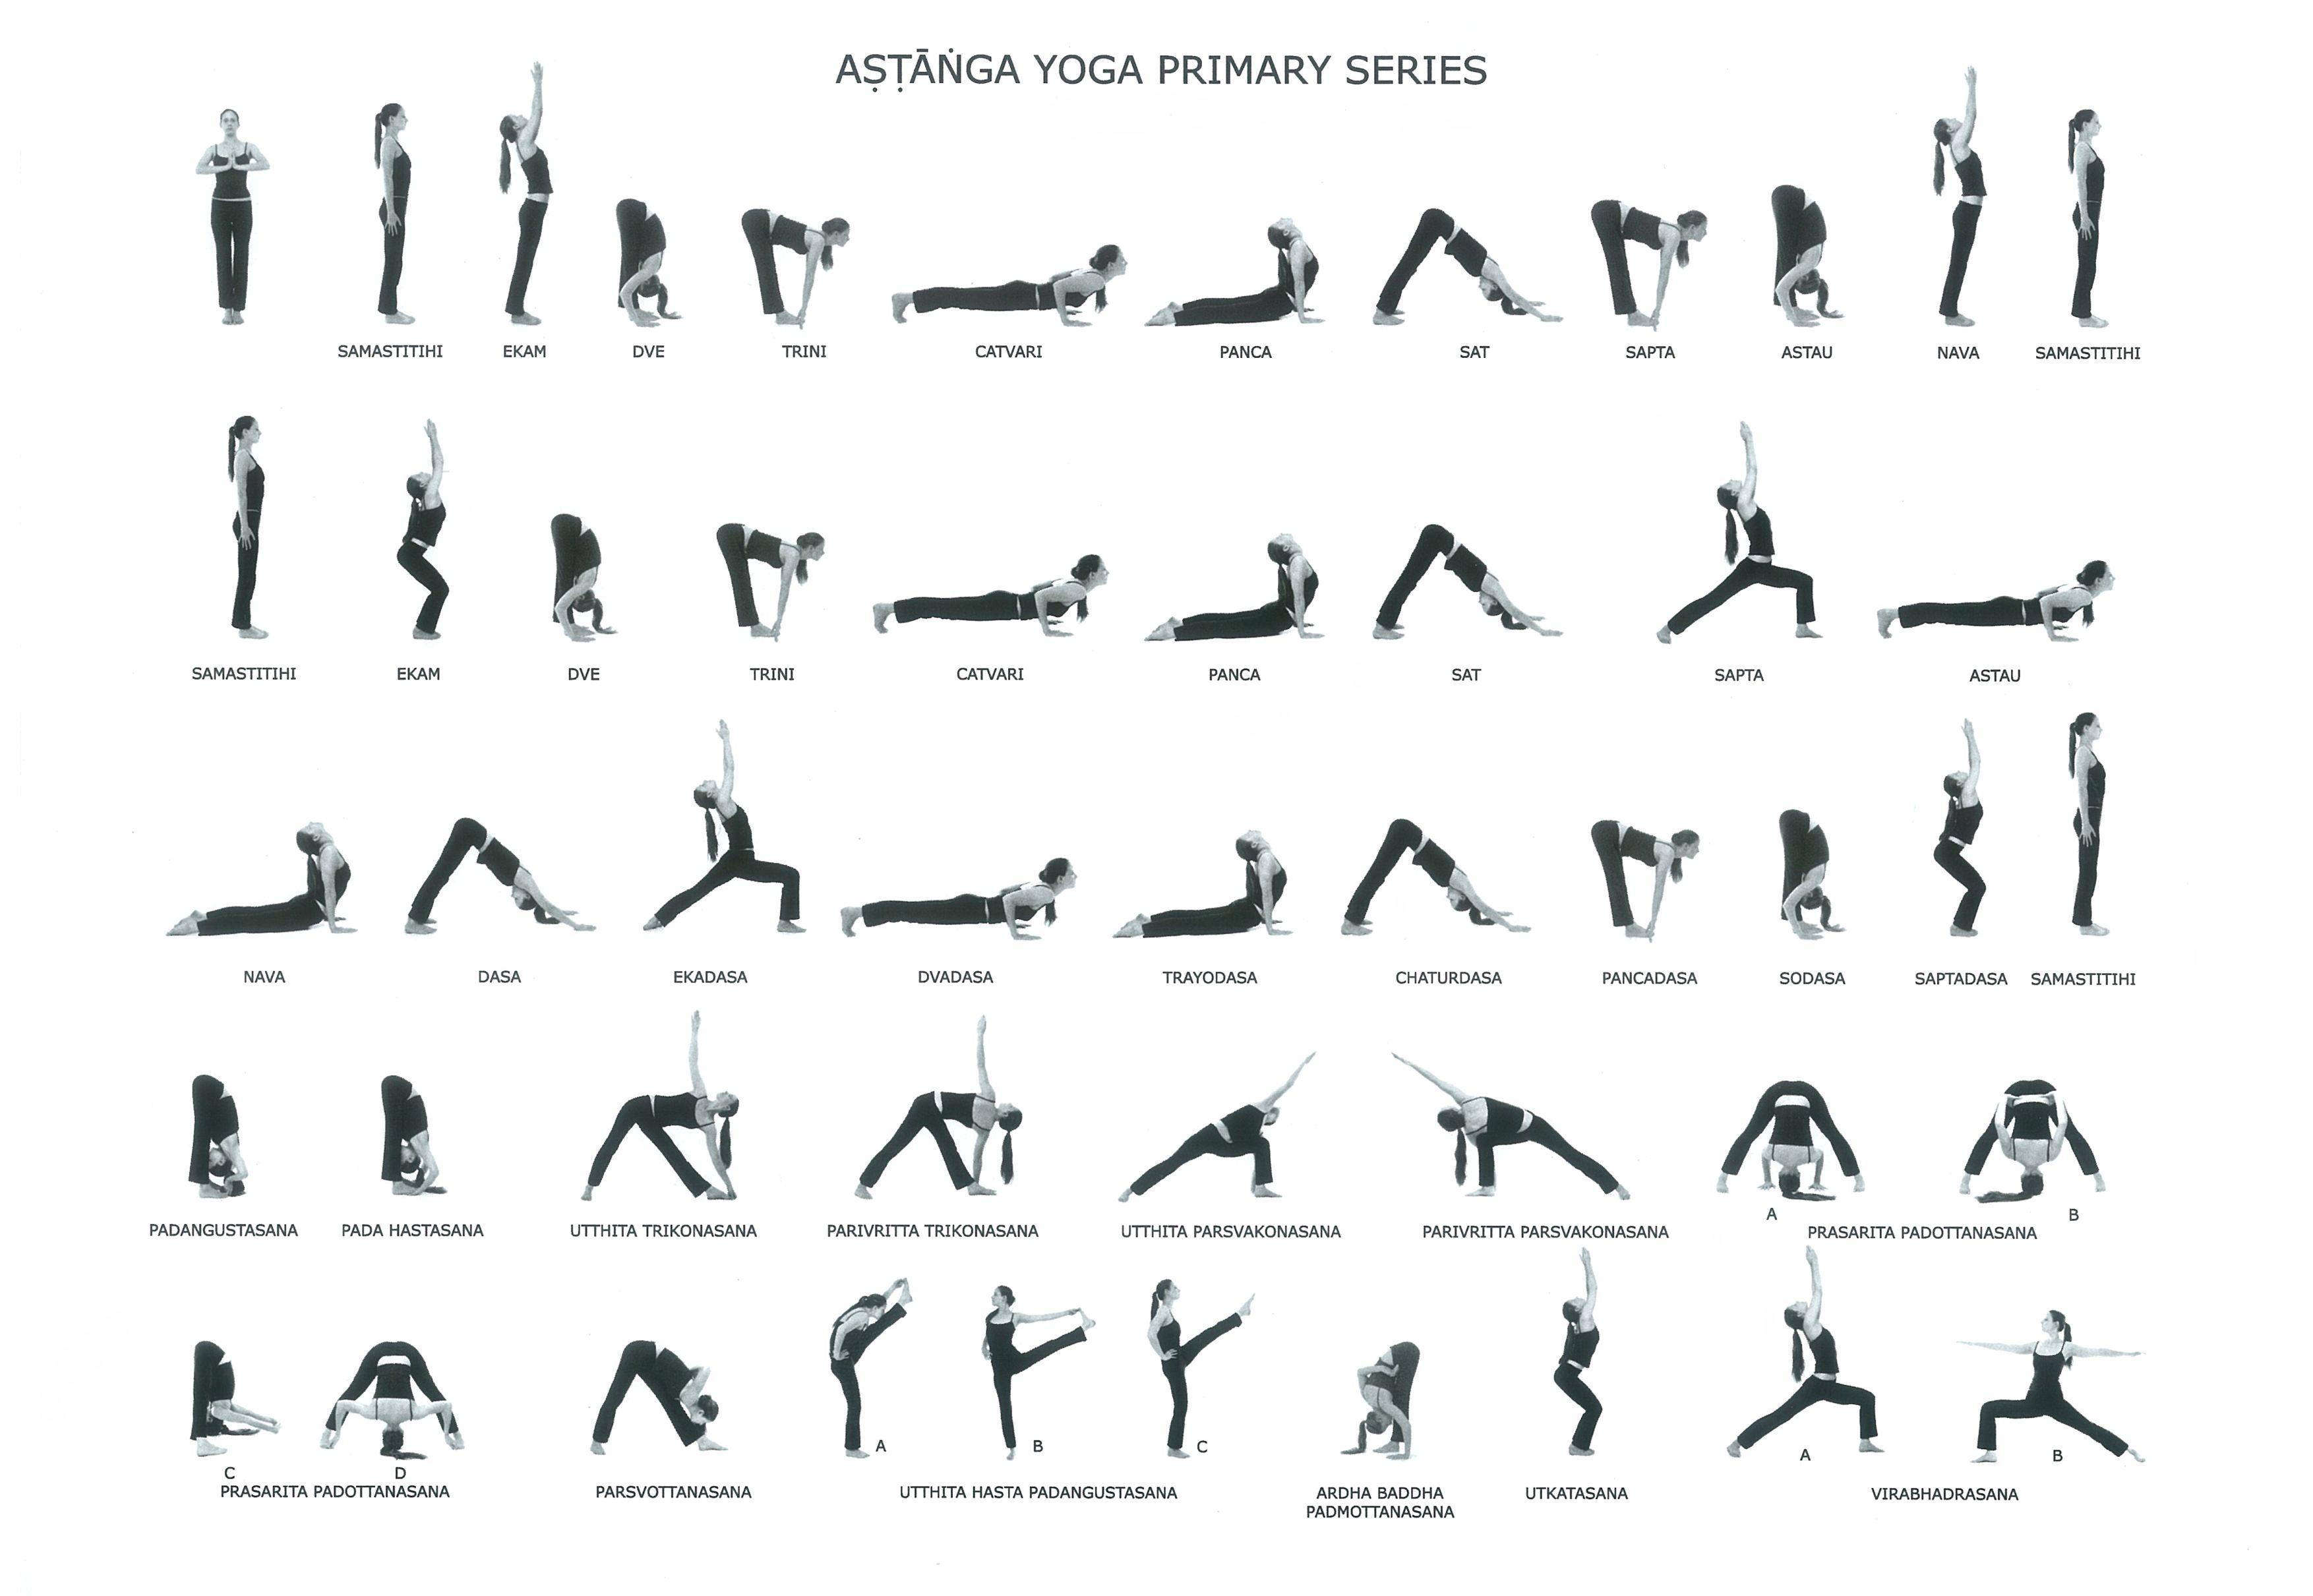 Асаны в йоге название и картинки